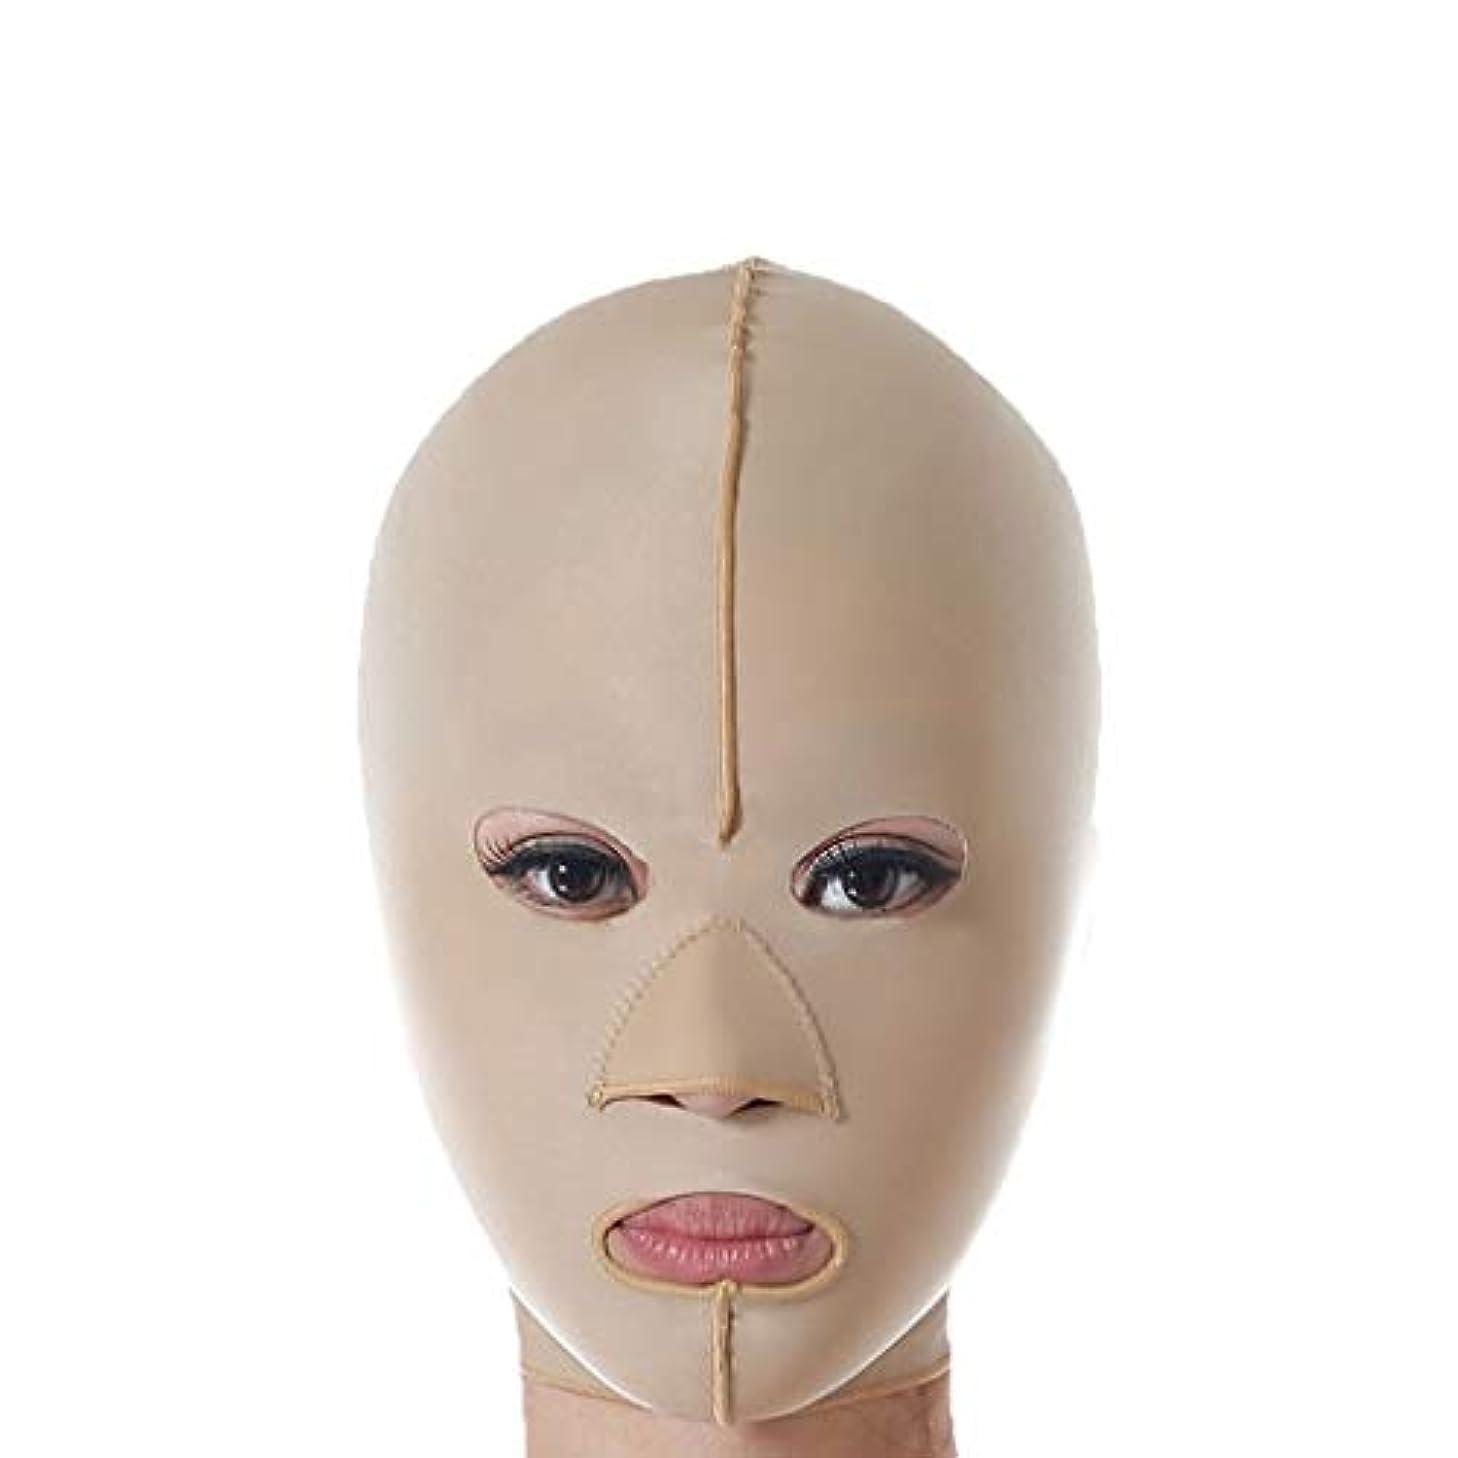 クックドナーファンブルXHLMRMJ 減量フェイスマスク、リフティング包帯、スリムフェイスリフトリフティングベルト、フェイシャル減量リフティング包帯 (Size : L)